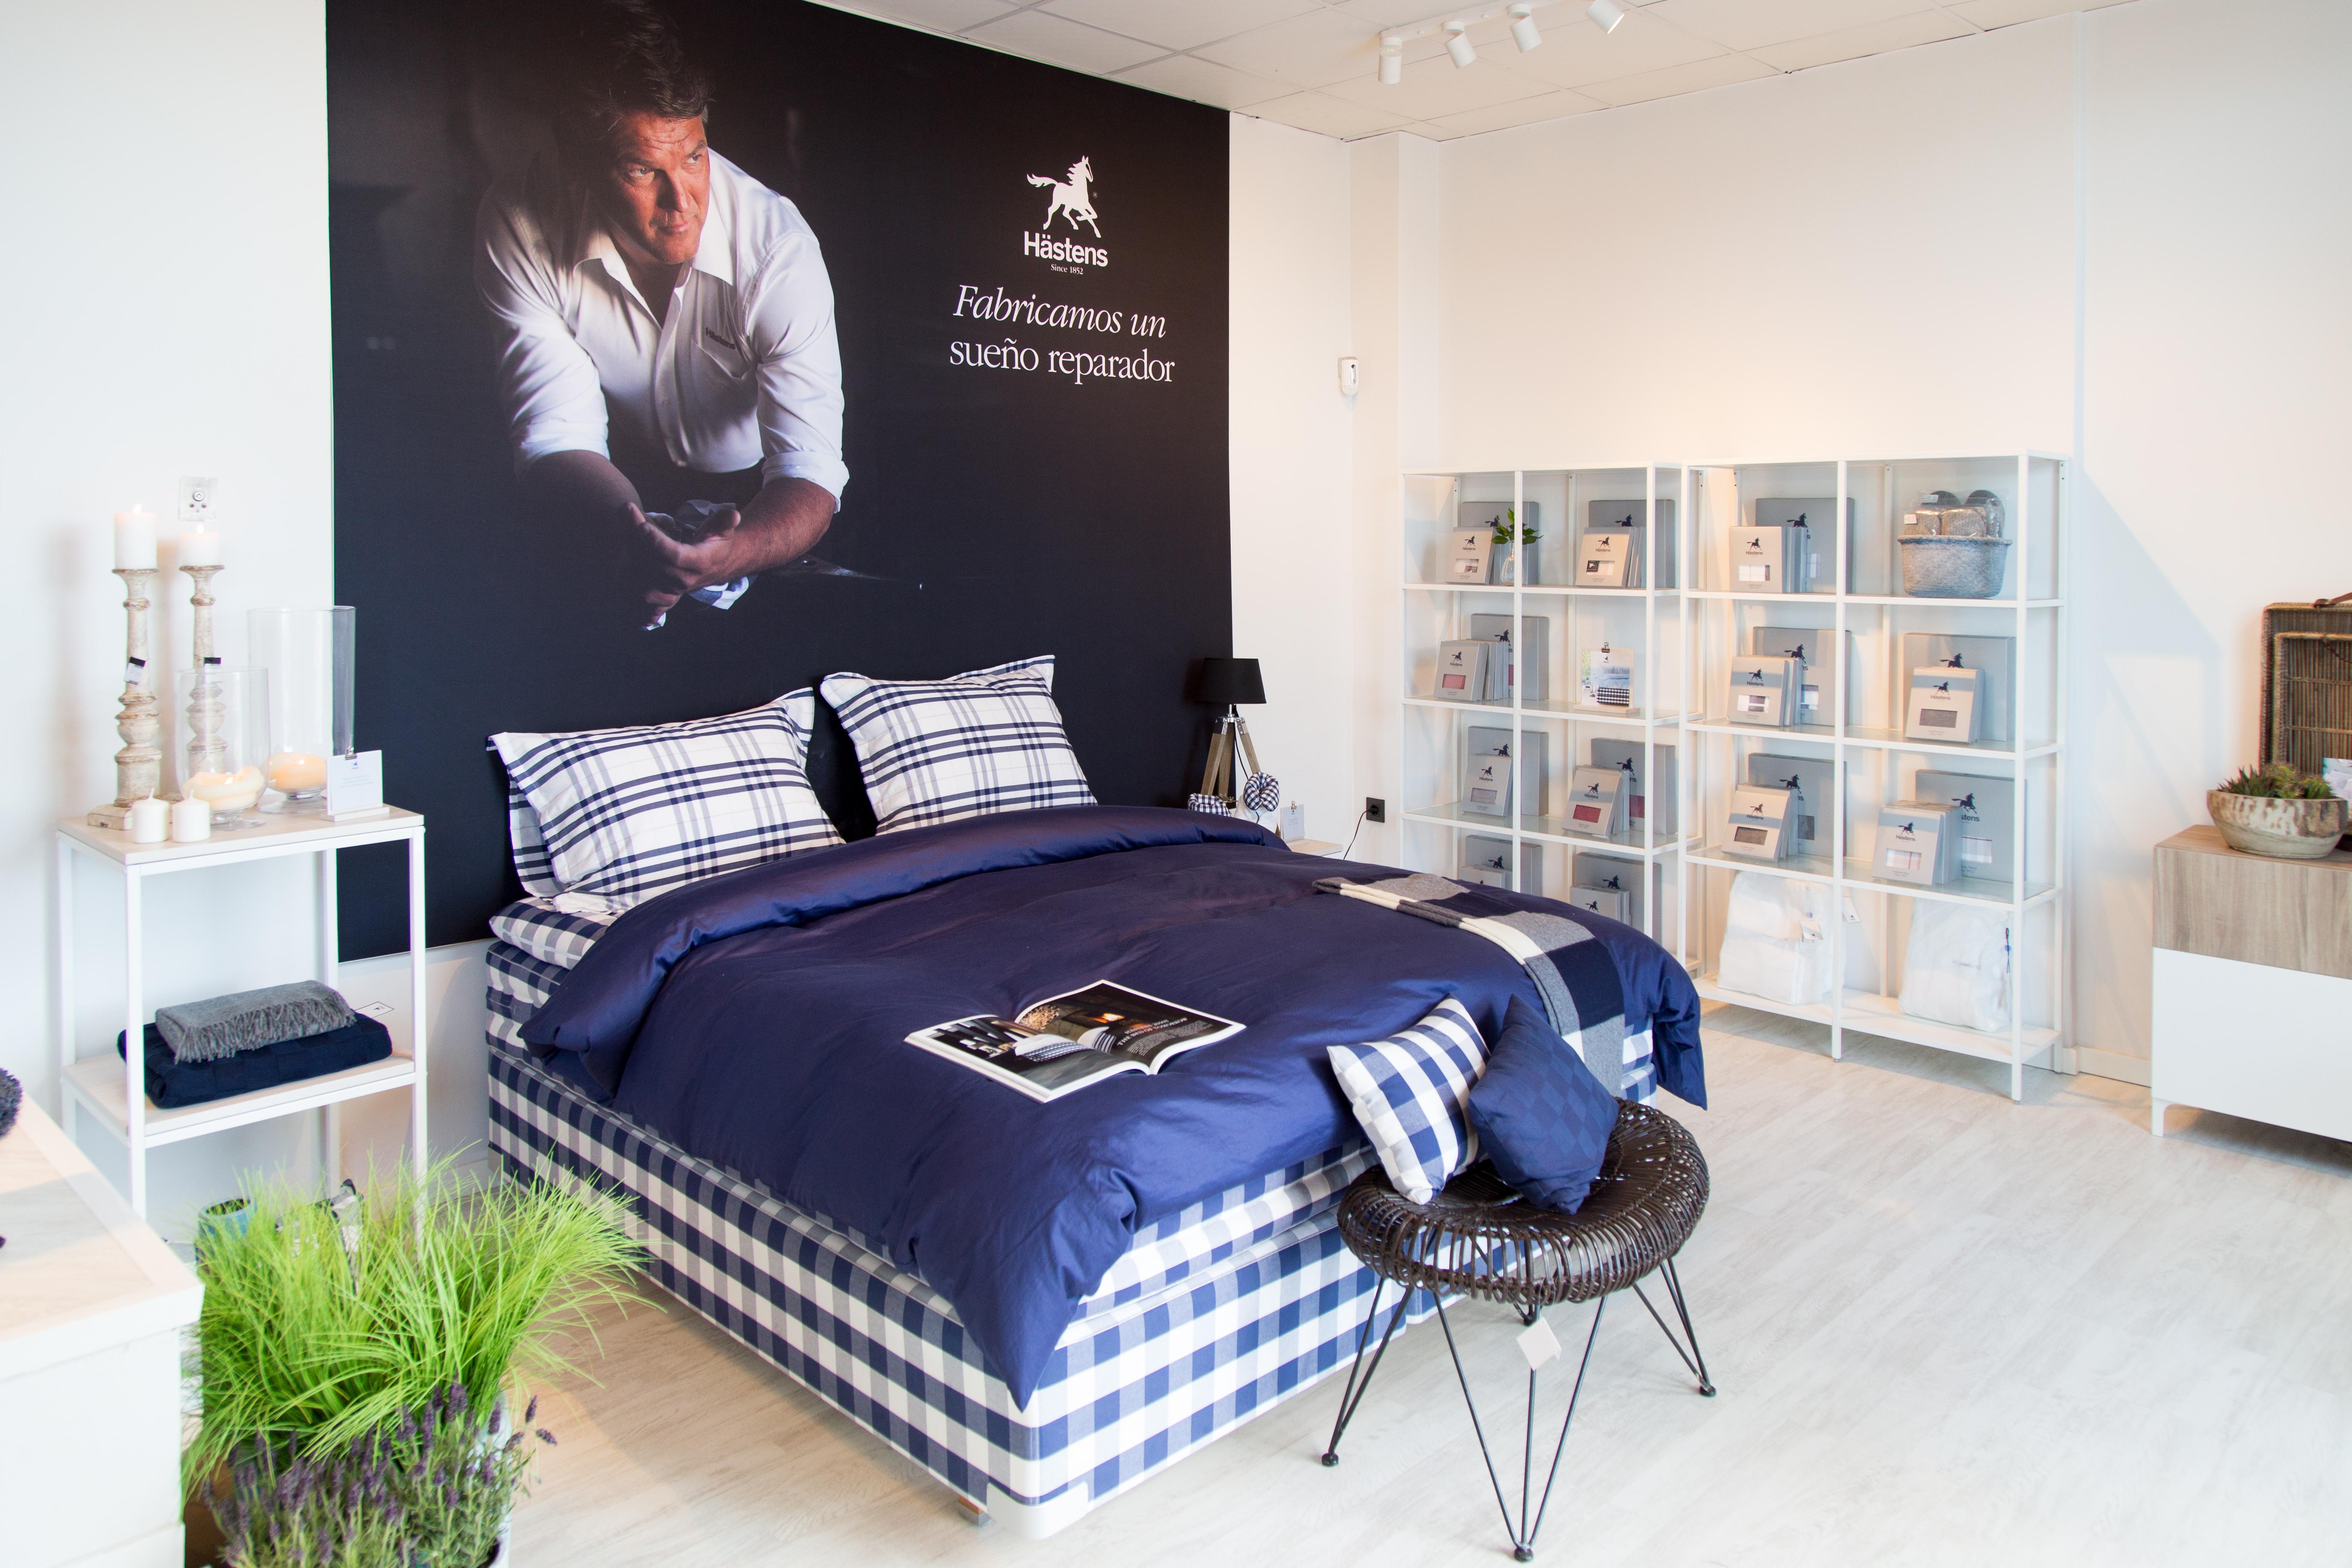 Hästens inaugura su tercer espacio en Málaga